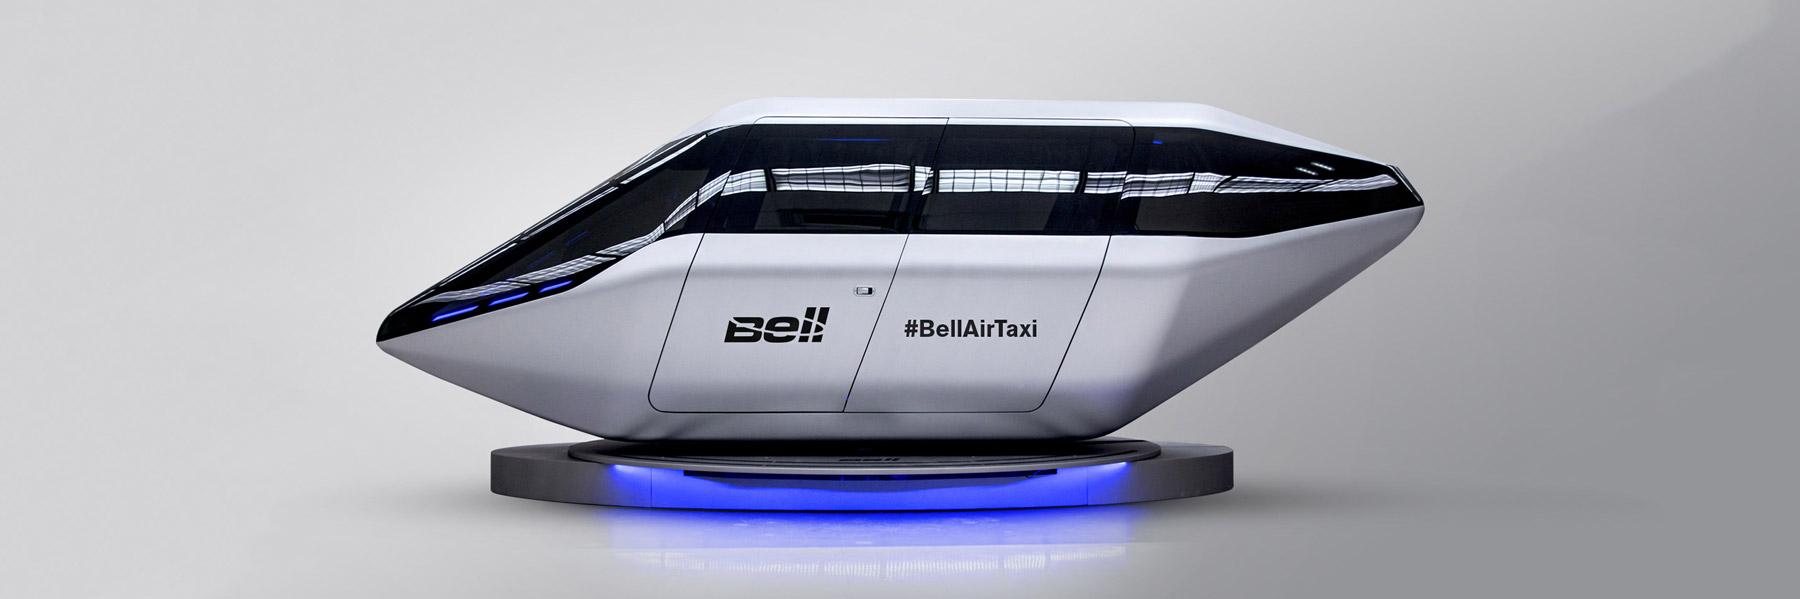 bell helicopter uber air taxi ces 2018 designboom 1800 - بالصور: التاكسي الطائر من أوبر يظهر في معرض الإلكترونيات الاستهلاكية 2018